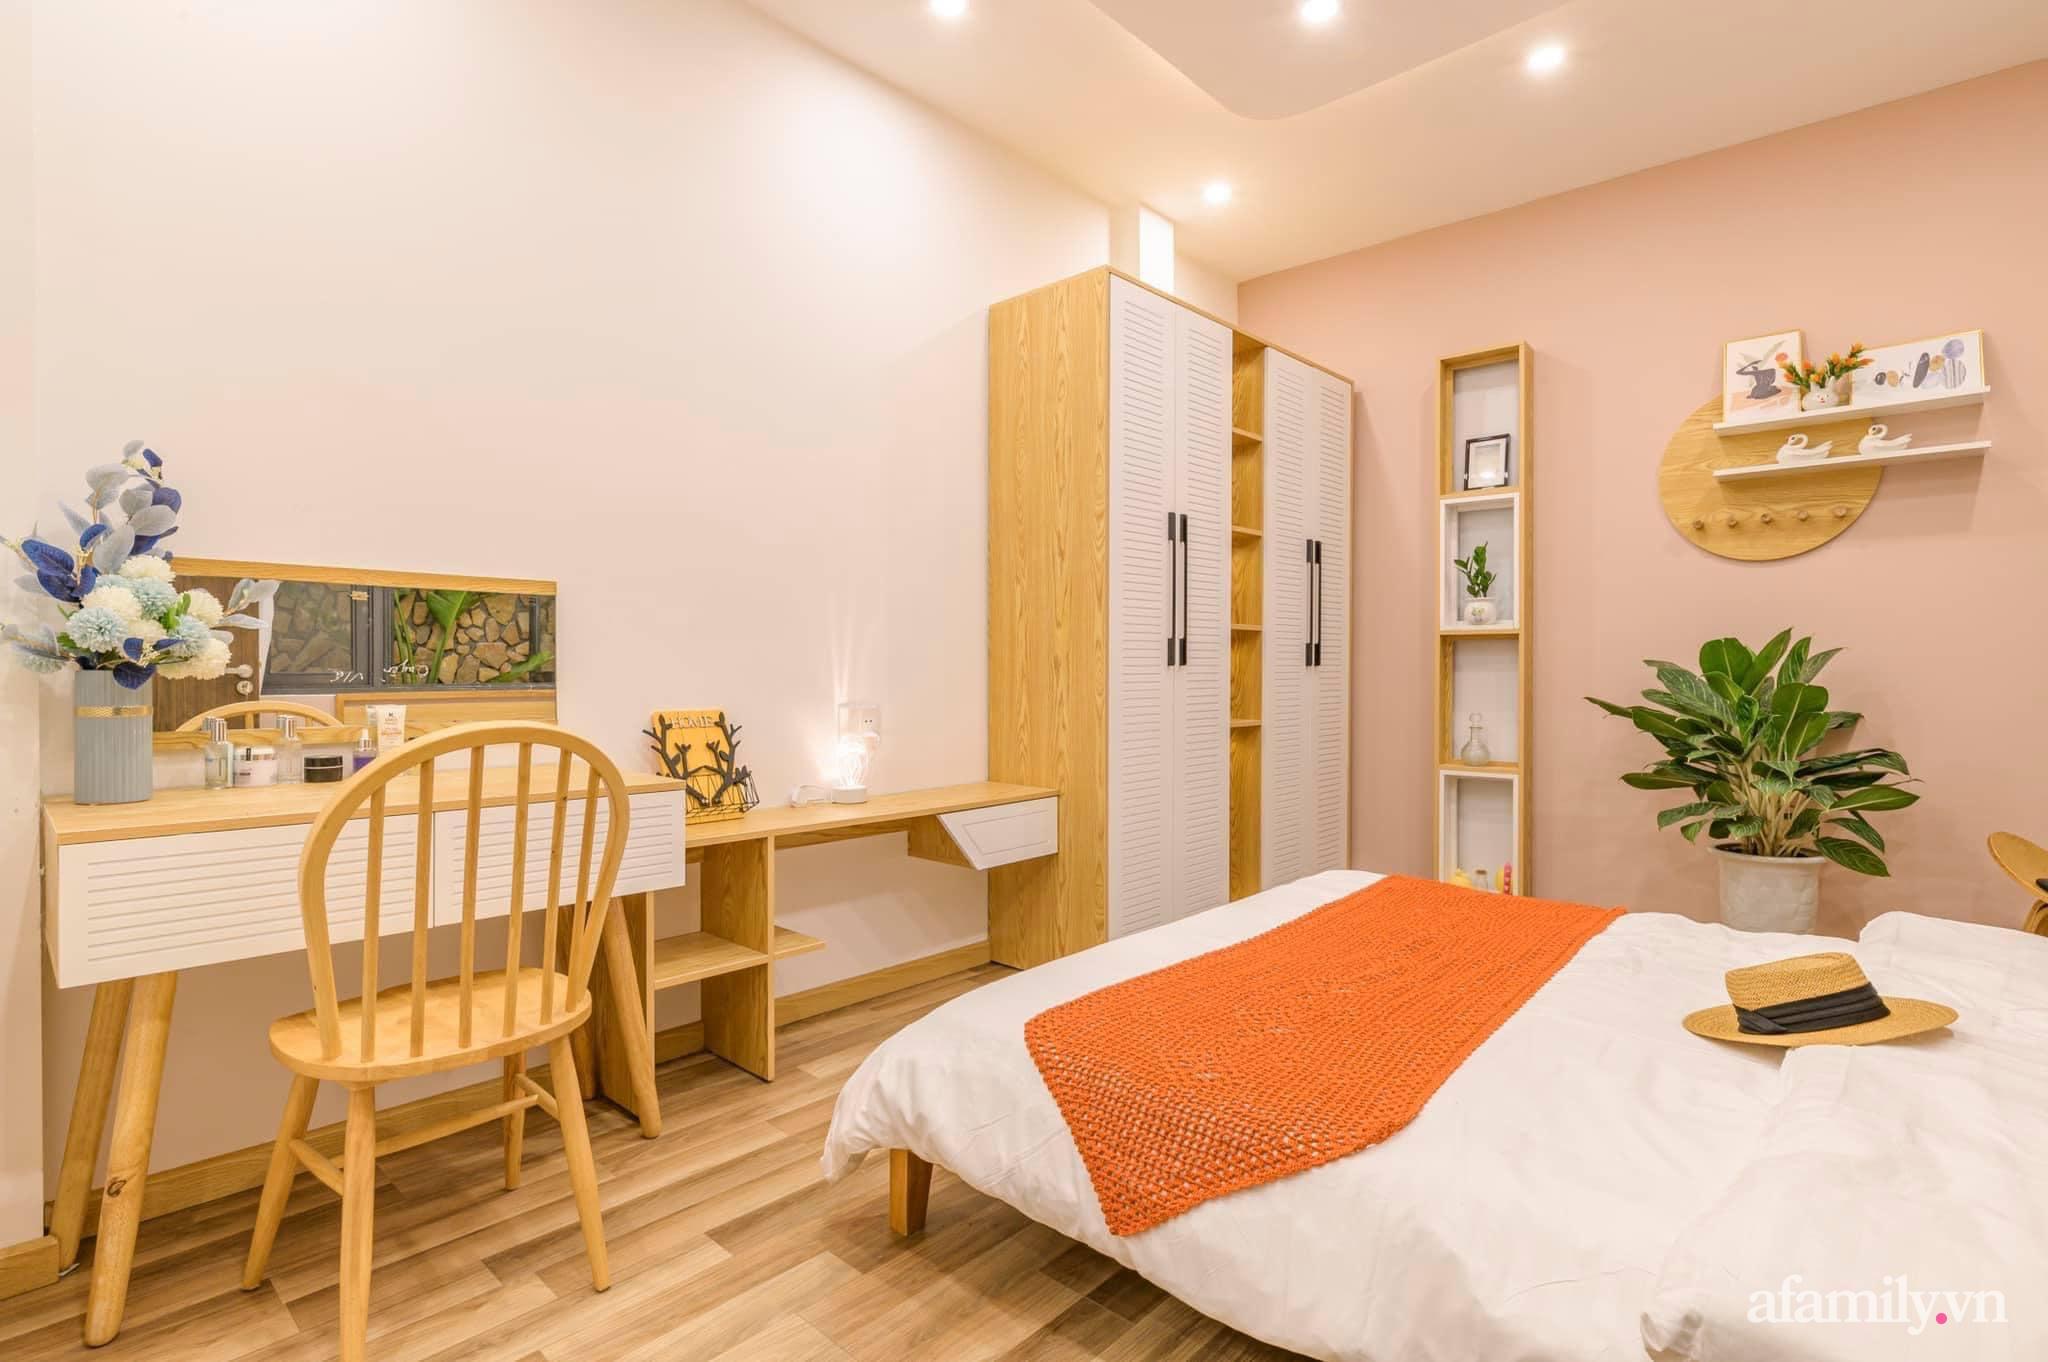 Nhà phố 4 tầng rộng 58m² đẹp an yên với giếng trời nhiều cây xanh và ánh nắng ngập tràn ở Đà Nẵng - Ảnh 16.